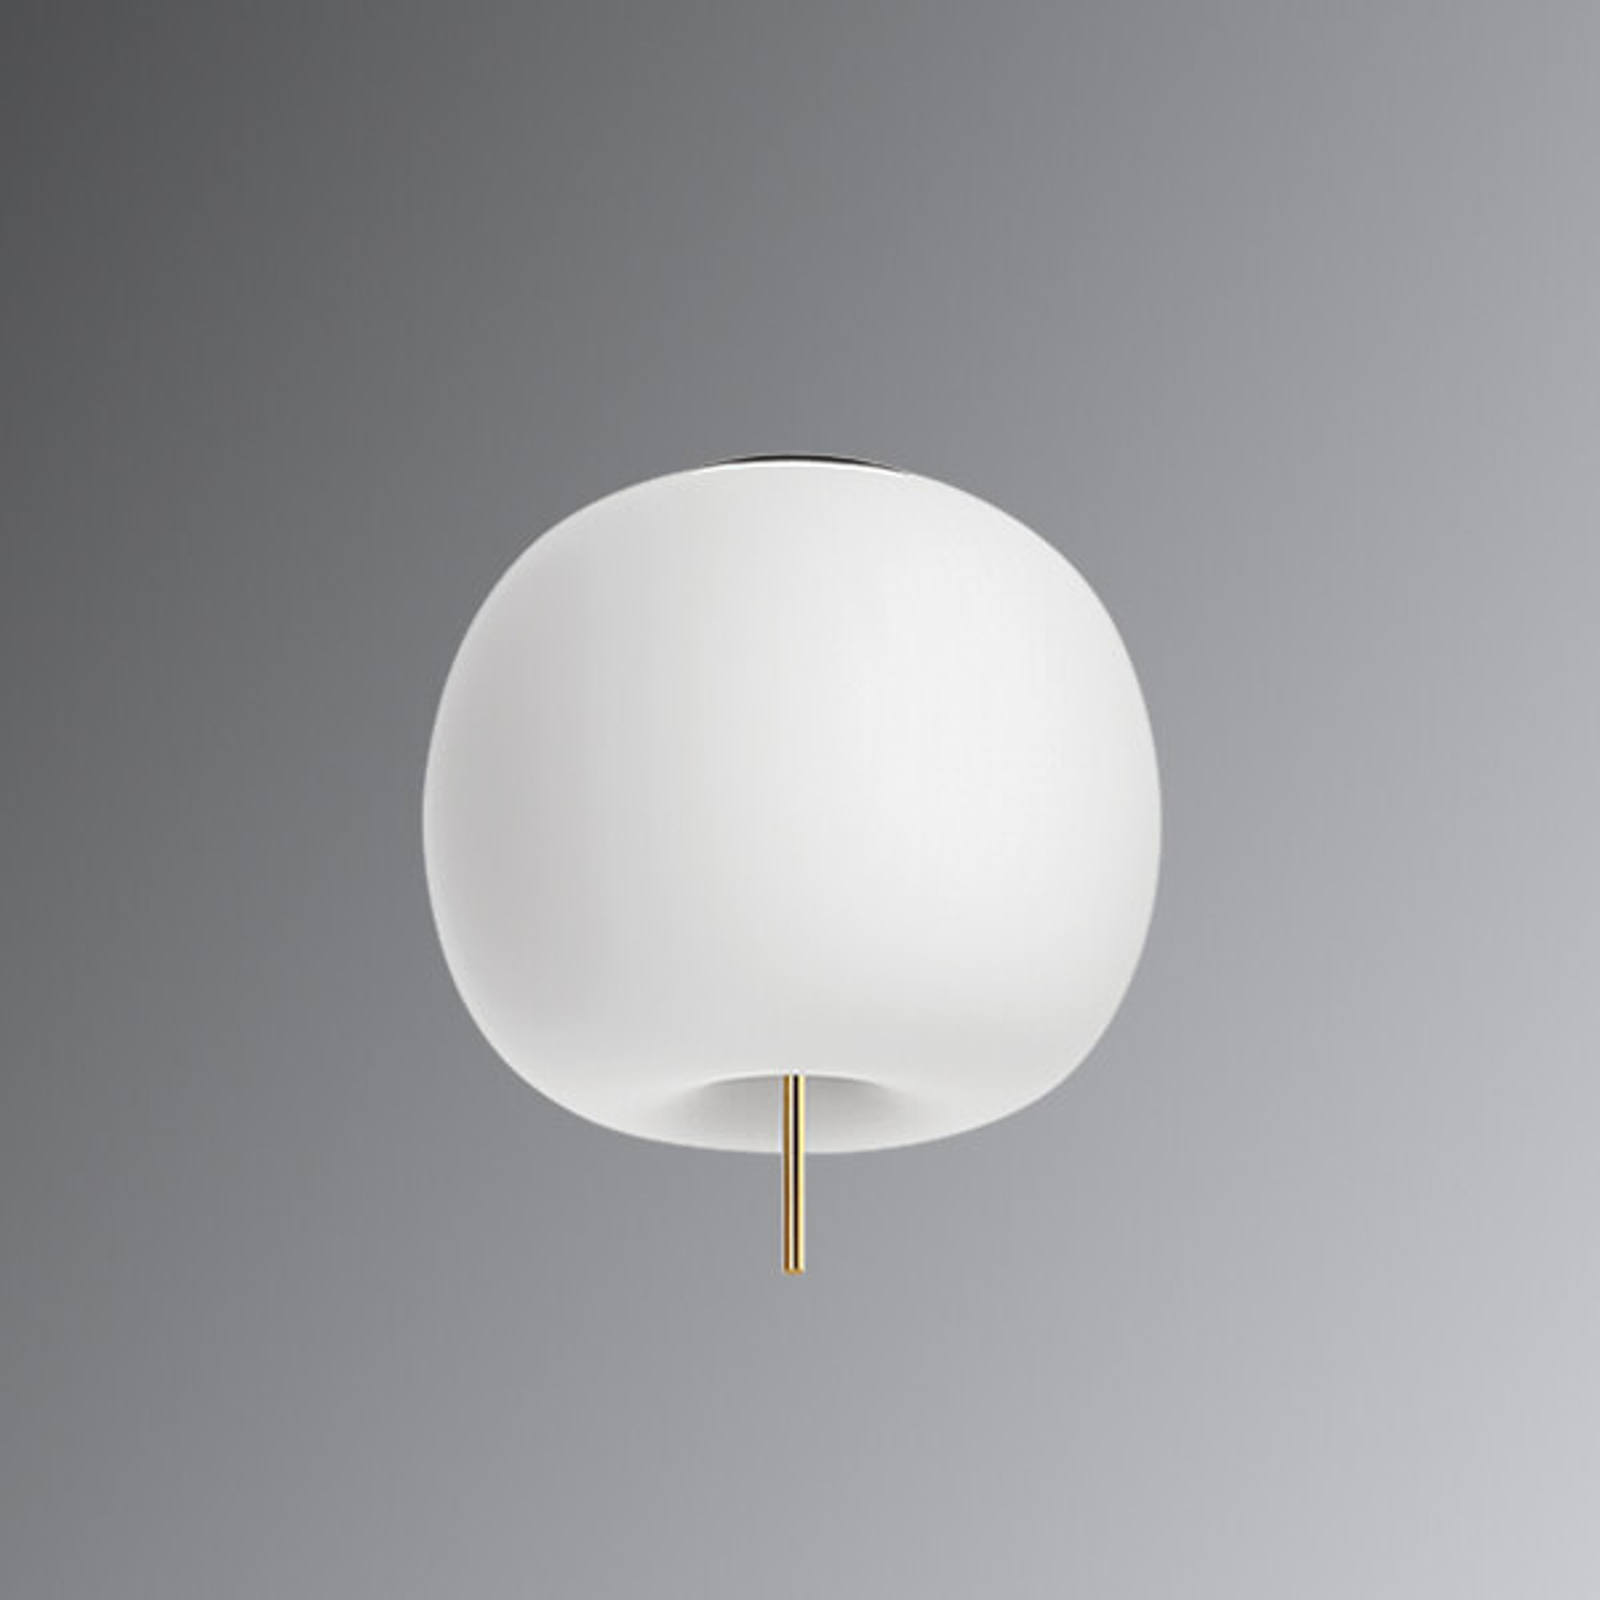 Designerska lampa sufitowa LED Kushi, 33cm